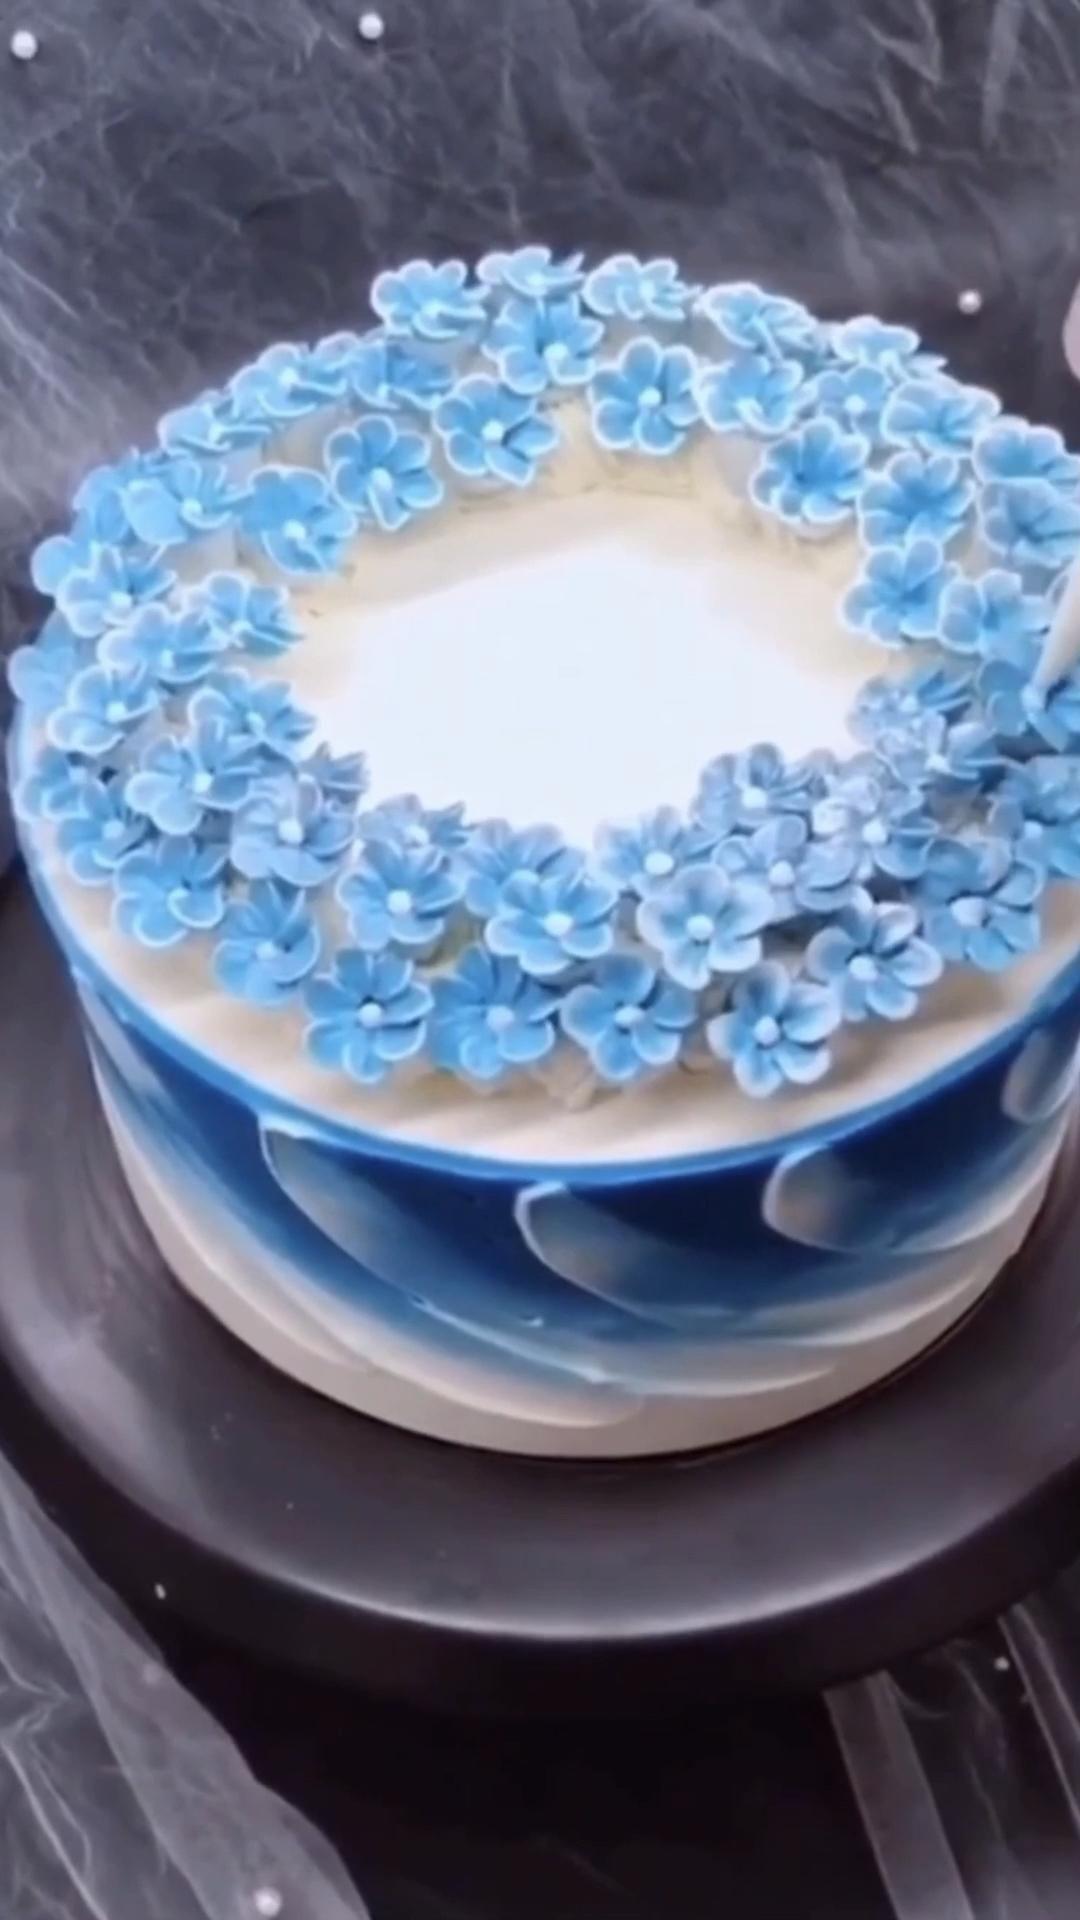 Amazing flower cake decoration